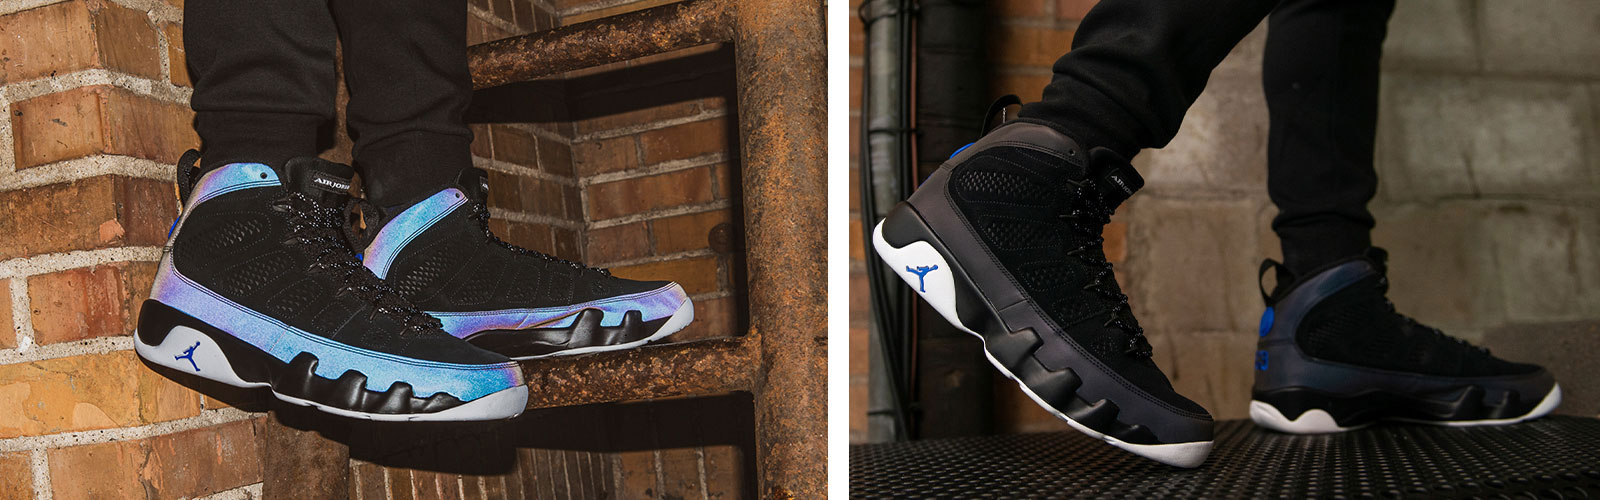 air-jordan-9-racer-blue-reflective-release-info